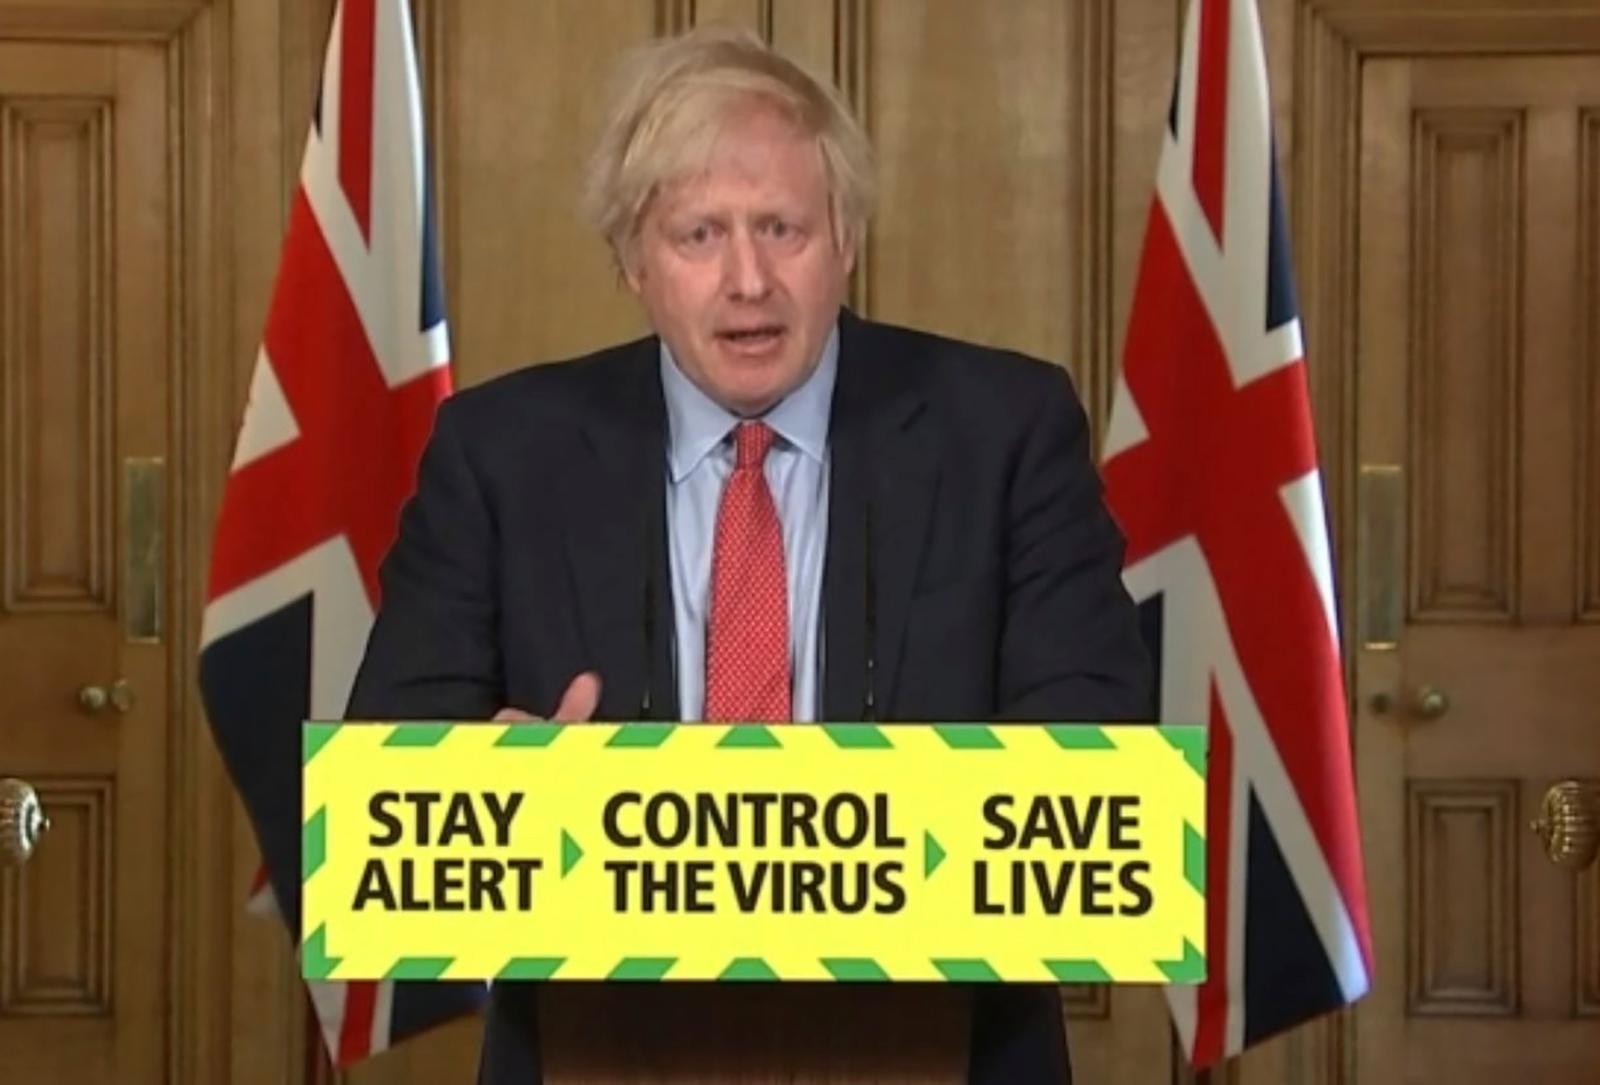 IMAGEM: Londres não registra nenhuma morte por Covid nas últimas 24 horas